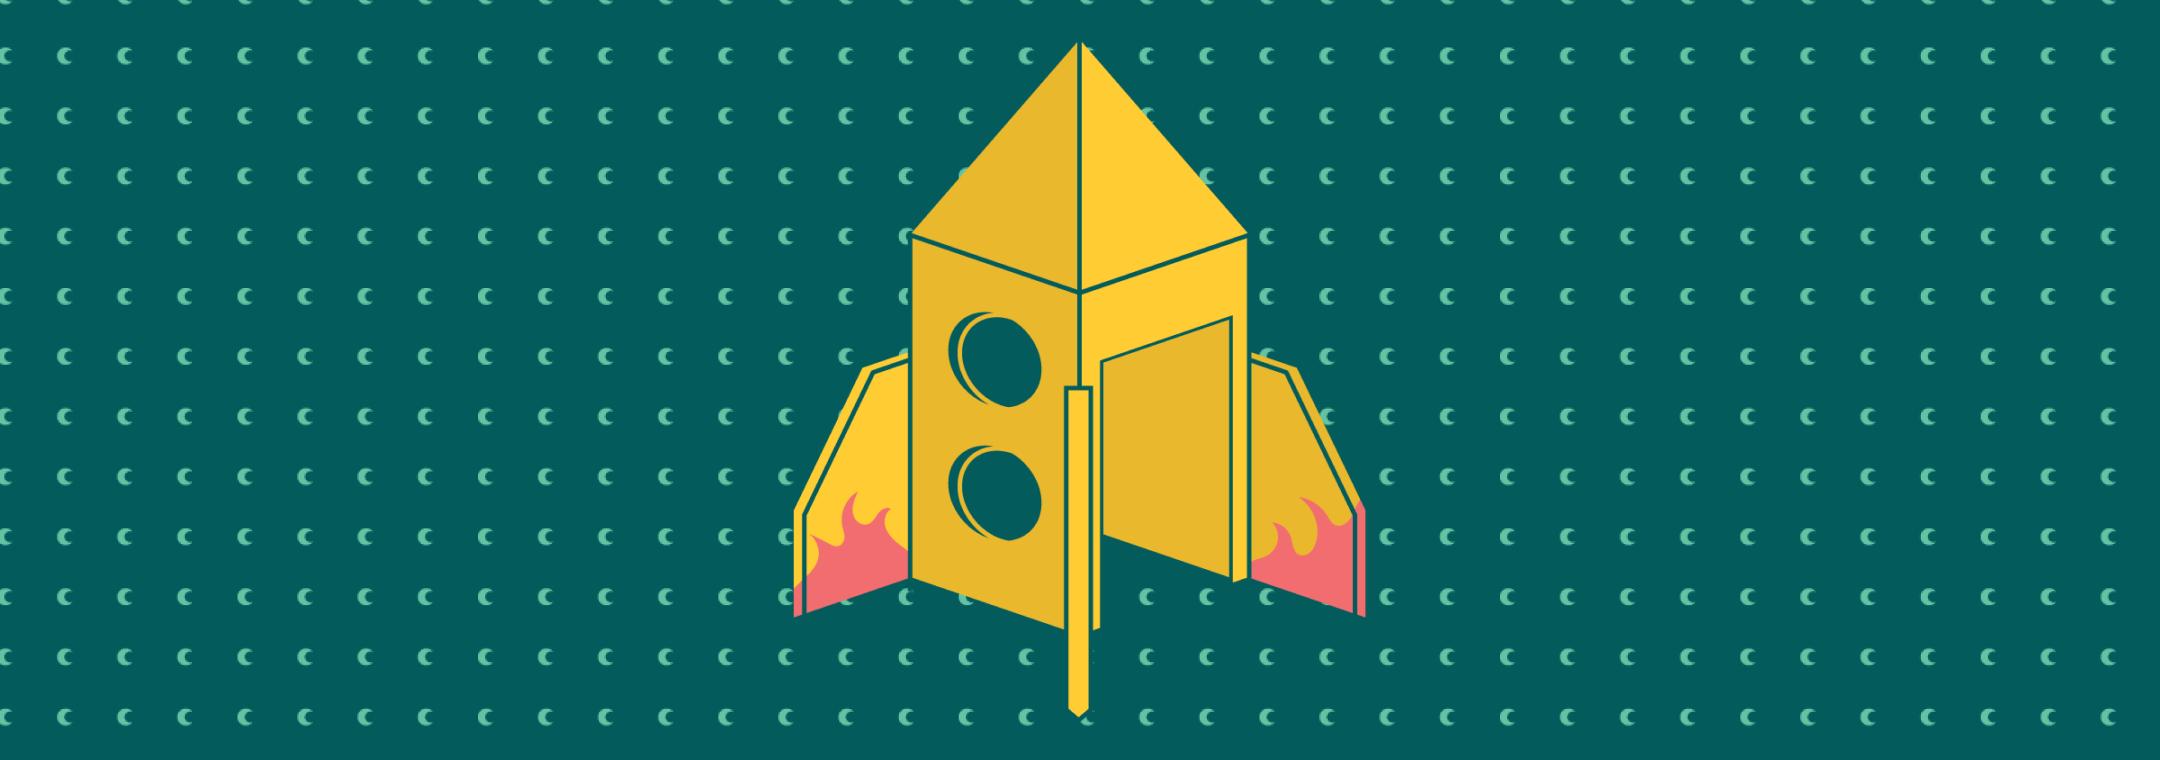 cardboard play rocket ship